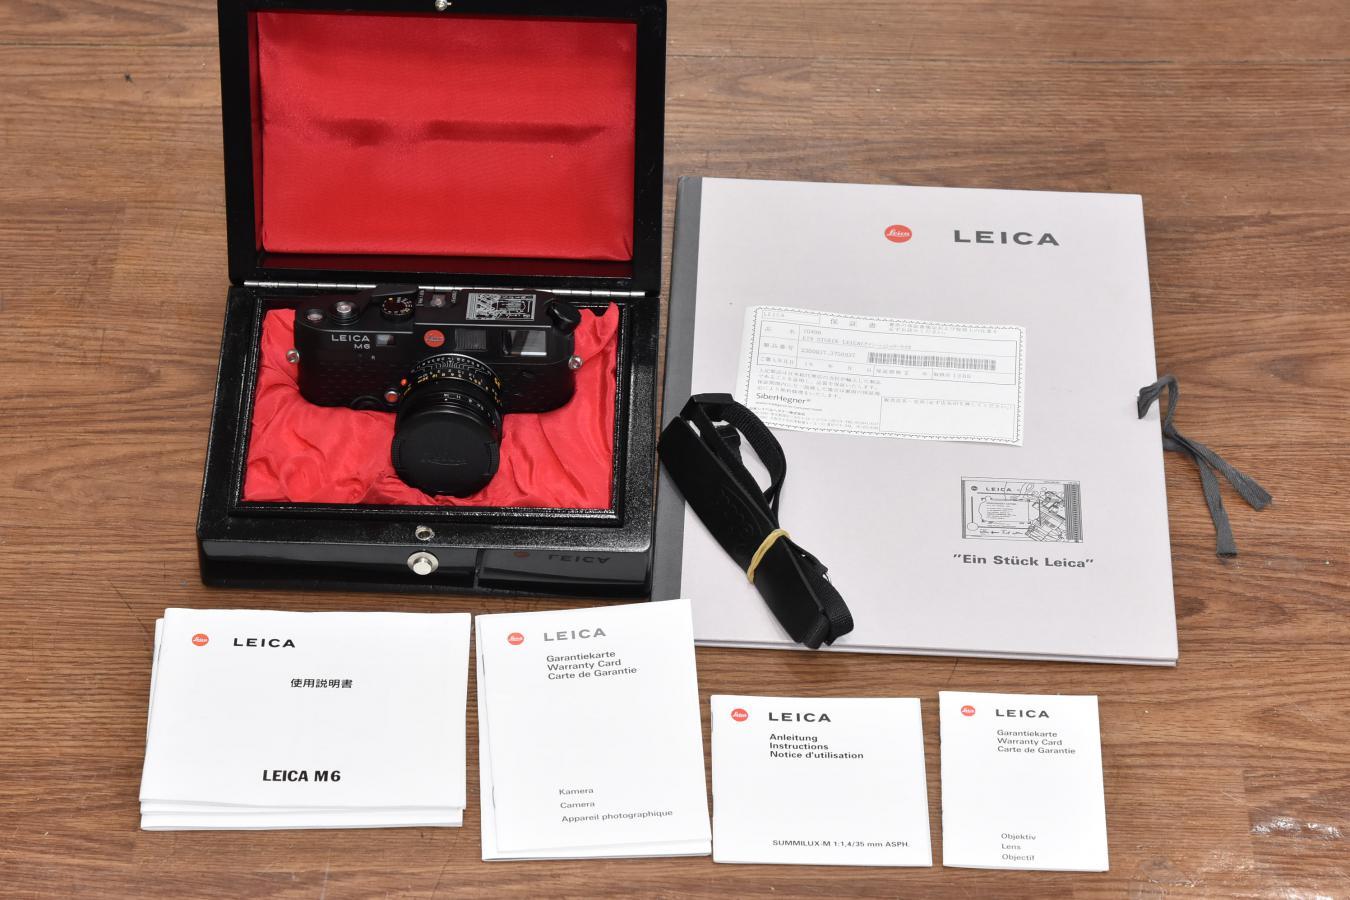 【コレクション向け】 ライカ M6 EIN STUECK LEICA ズミルックスM 35/1.4ASPH.付 【1996年ライカ社株式公開記念限定996台】